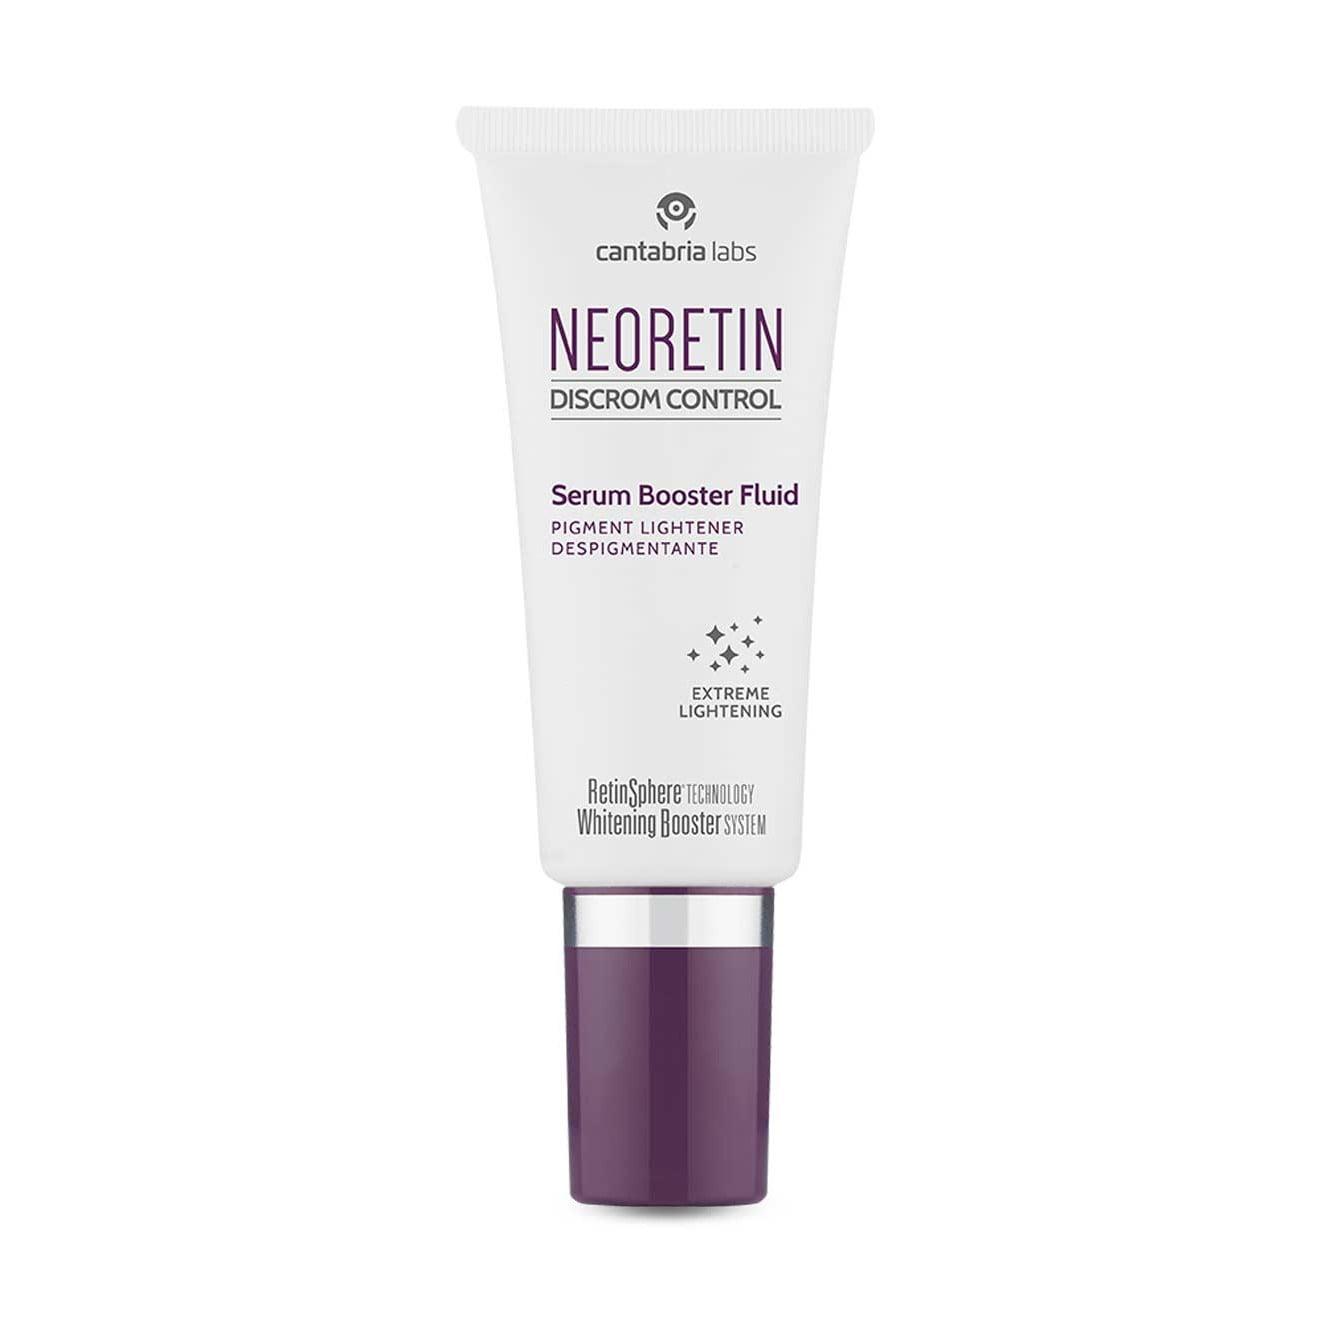 Serum Neoretin discrom control